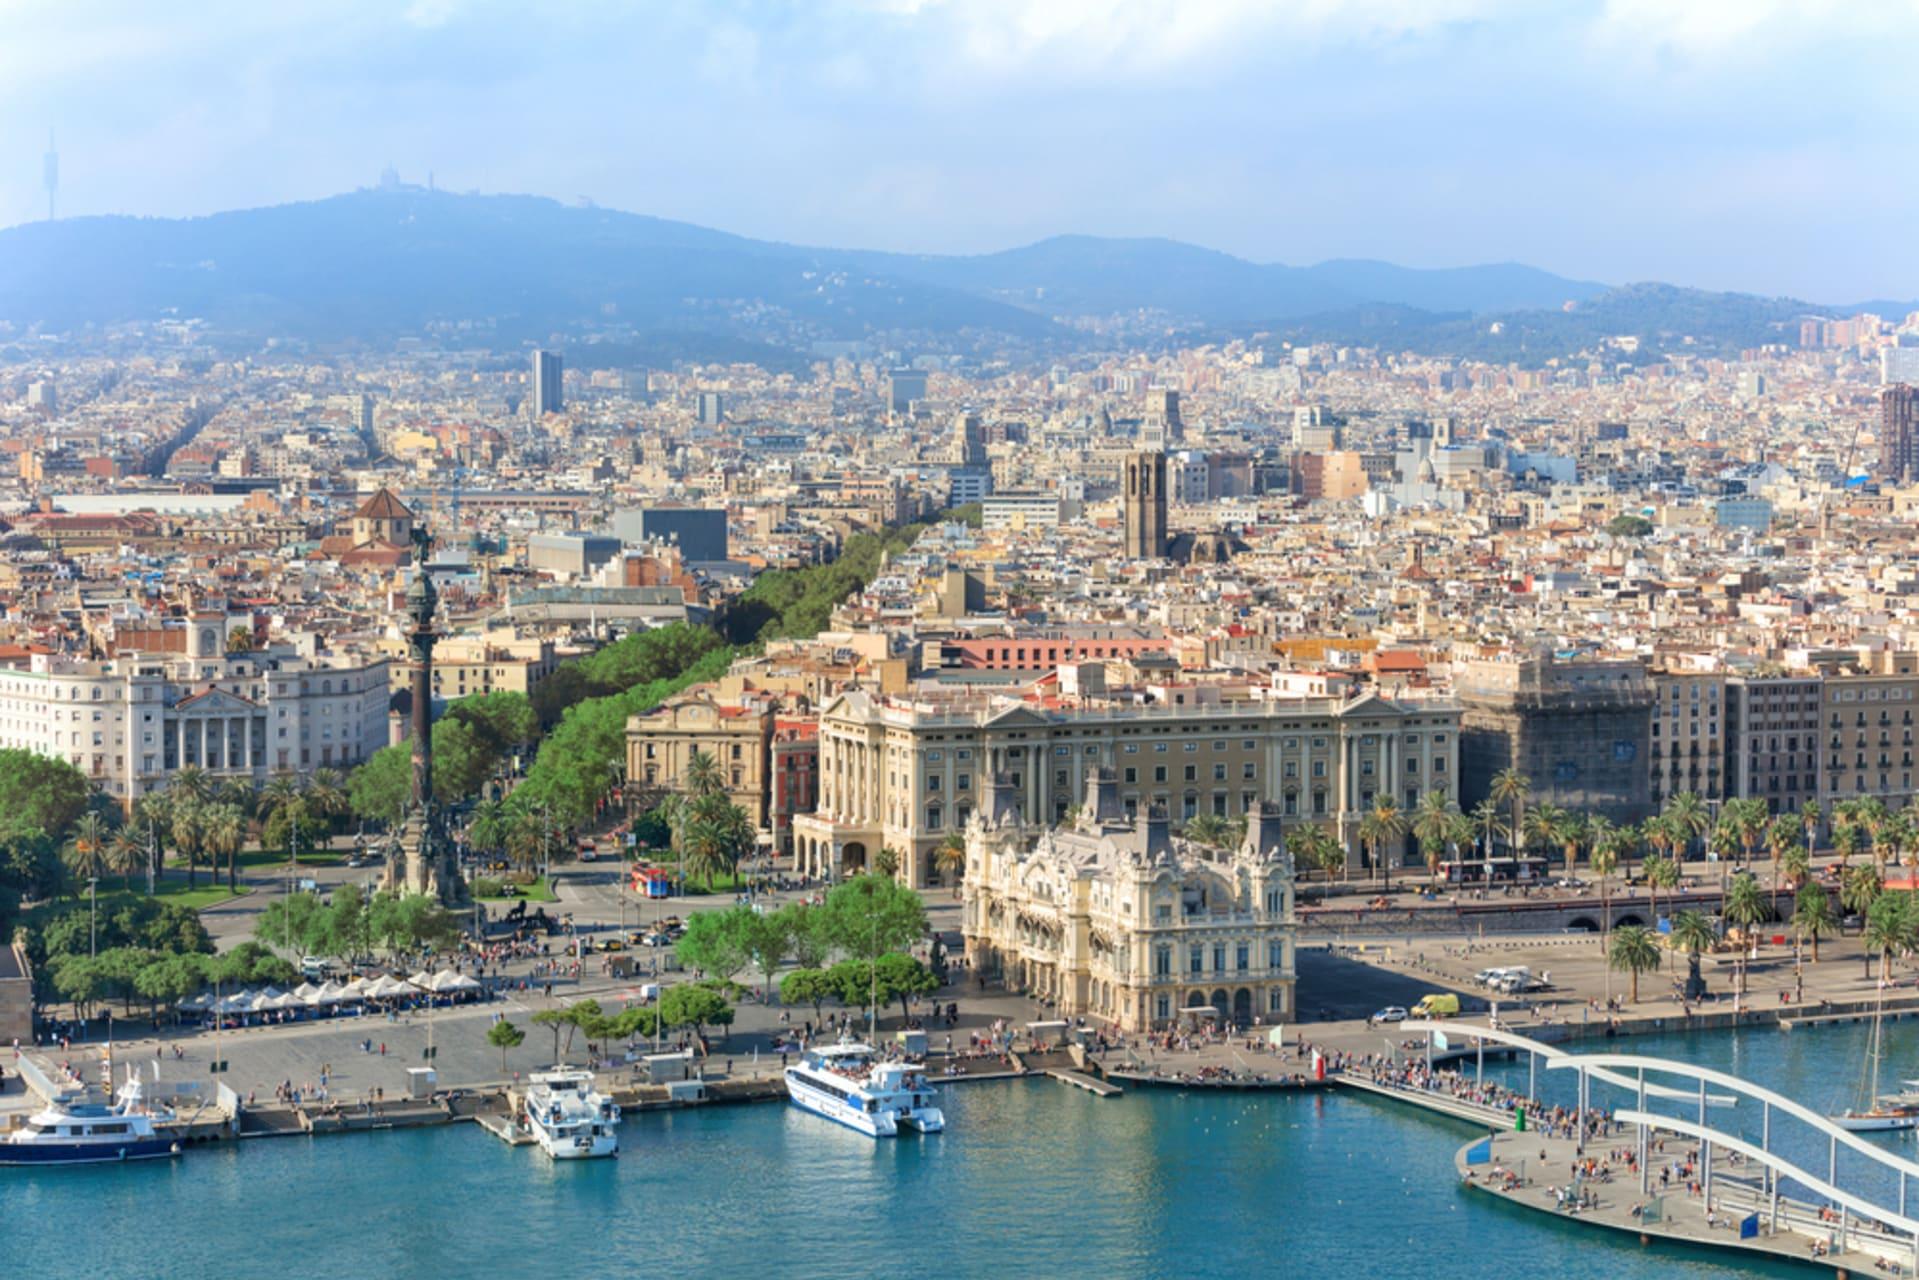 Barcelona - Rambling Along 'La Rambla'